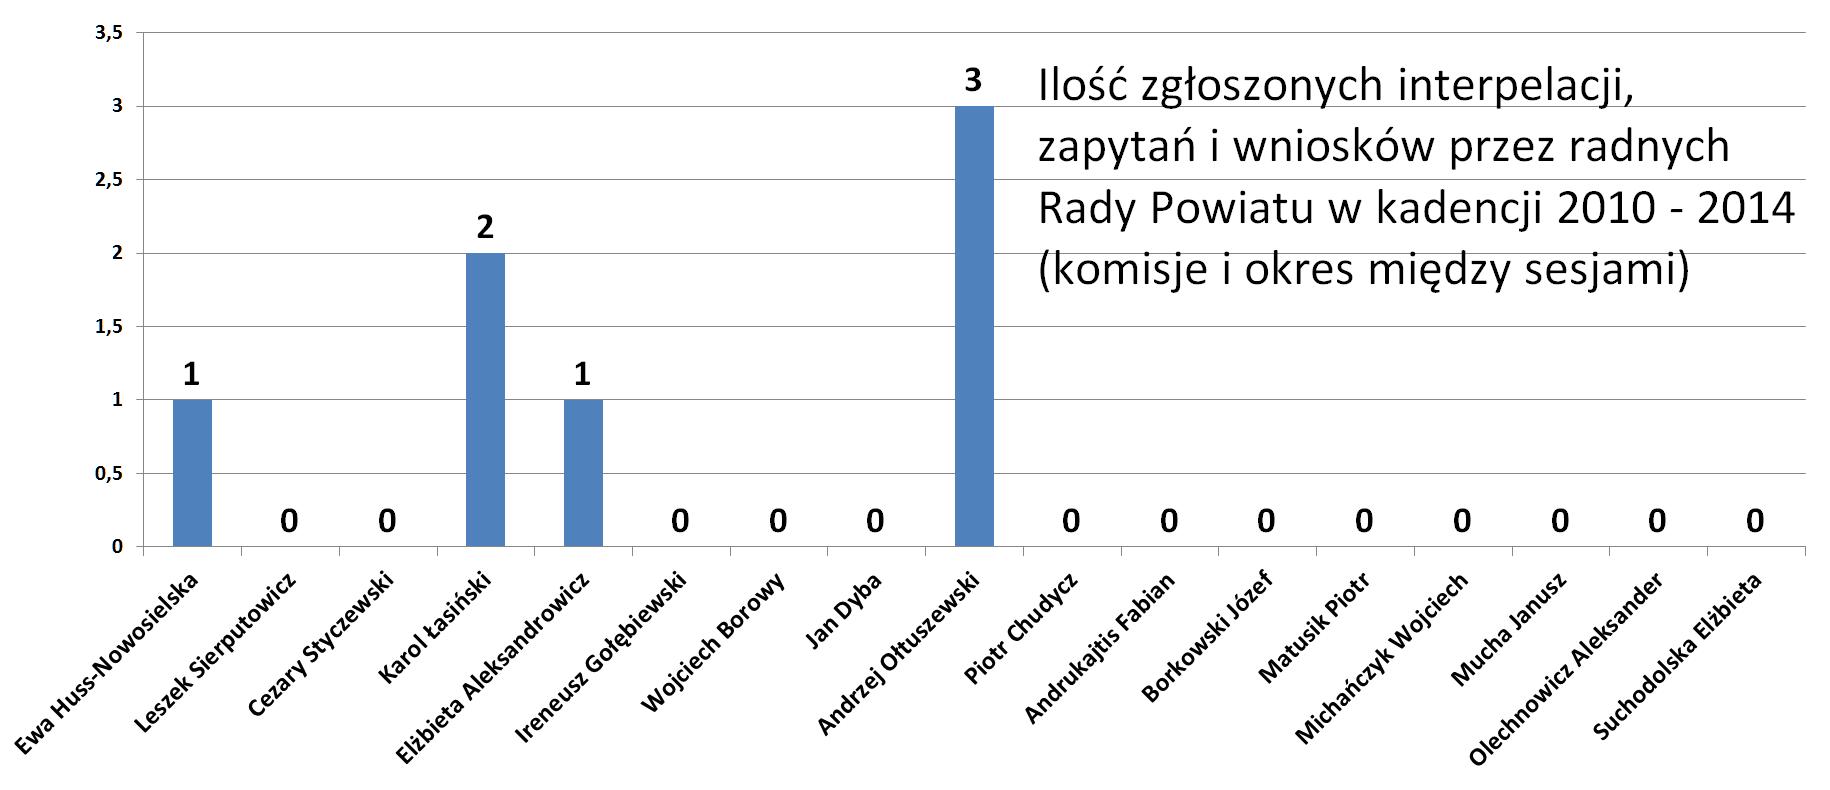 Ilość zgłoszonych interpelacji, zapytań i wniosków na komisjach Rady Powiatu Lidzbark Warmiński i między sesjami